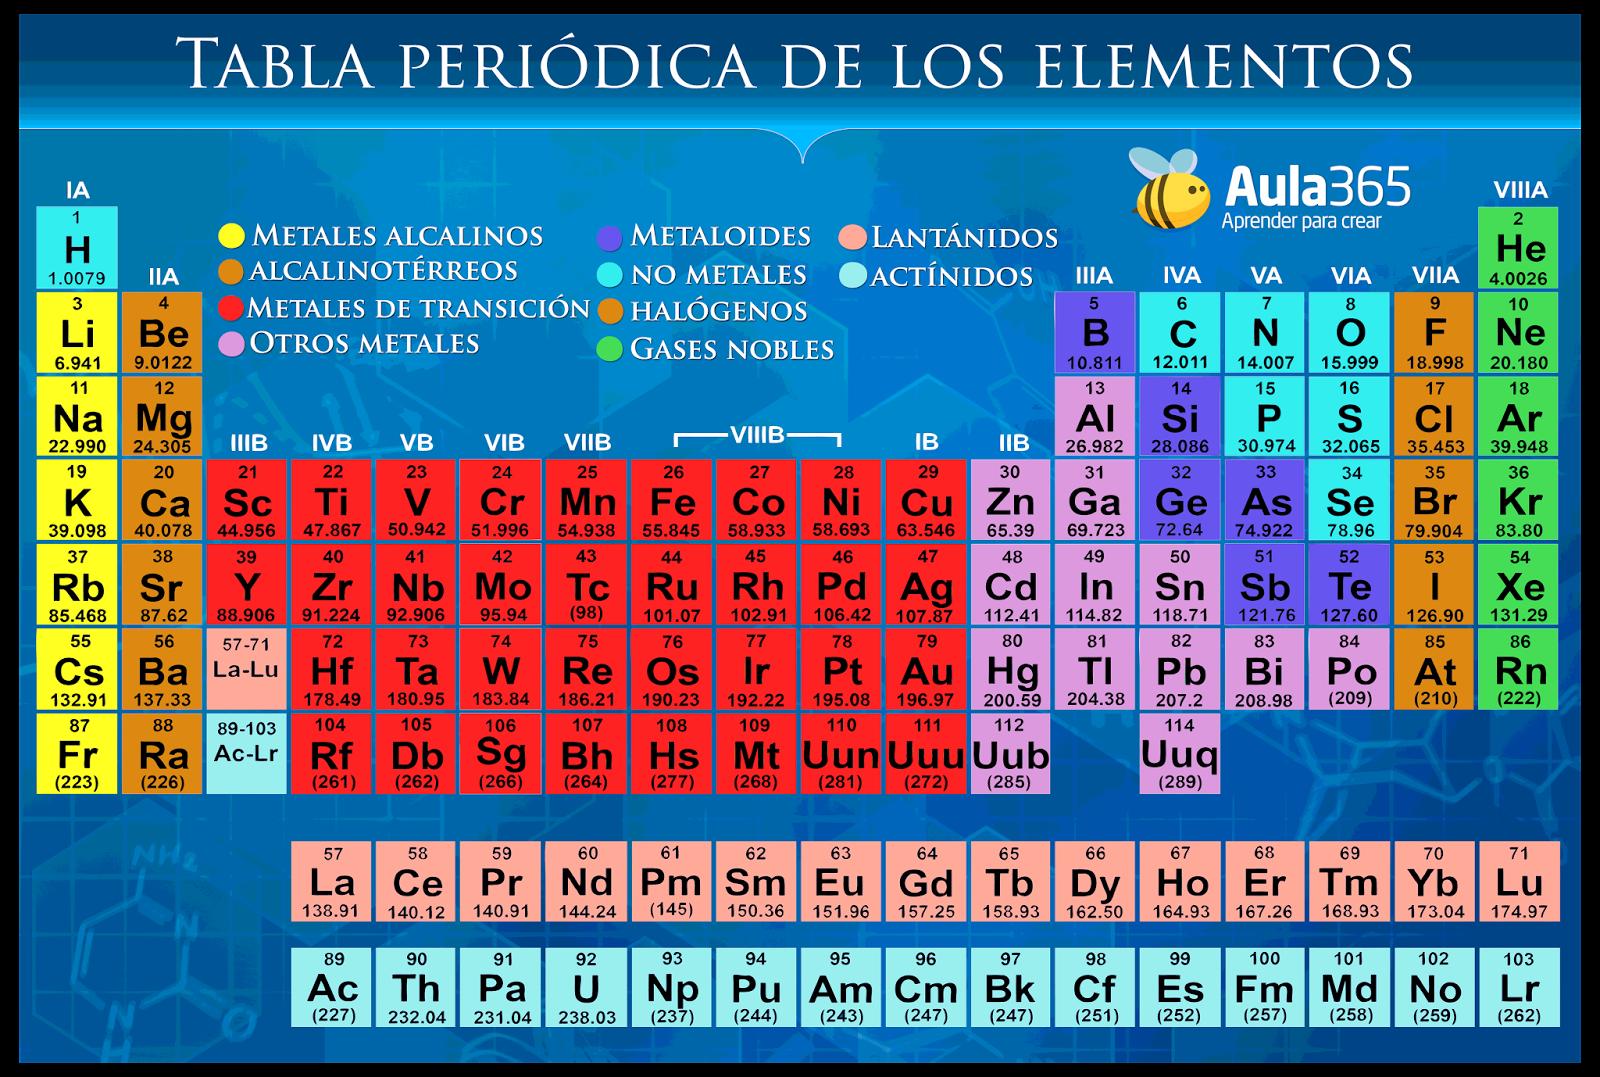 La qumica tabla peridica la tabla periodica nos ayuda a predecir diversas cantidades de propiedades sobre los elementos nos aporta gran cantidad de informacion dado que surge de urtaz Image collections